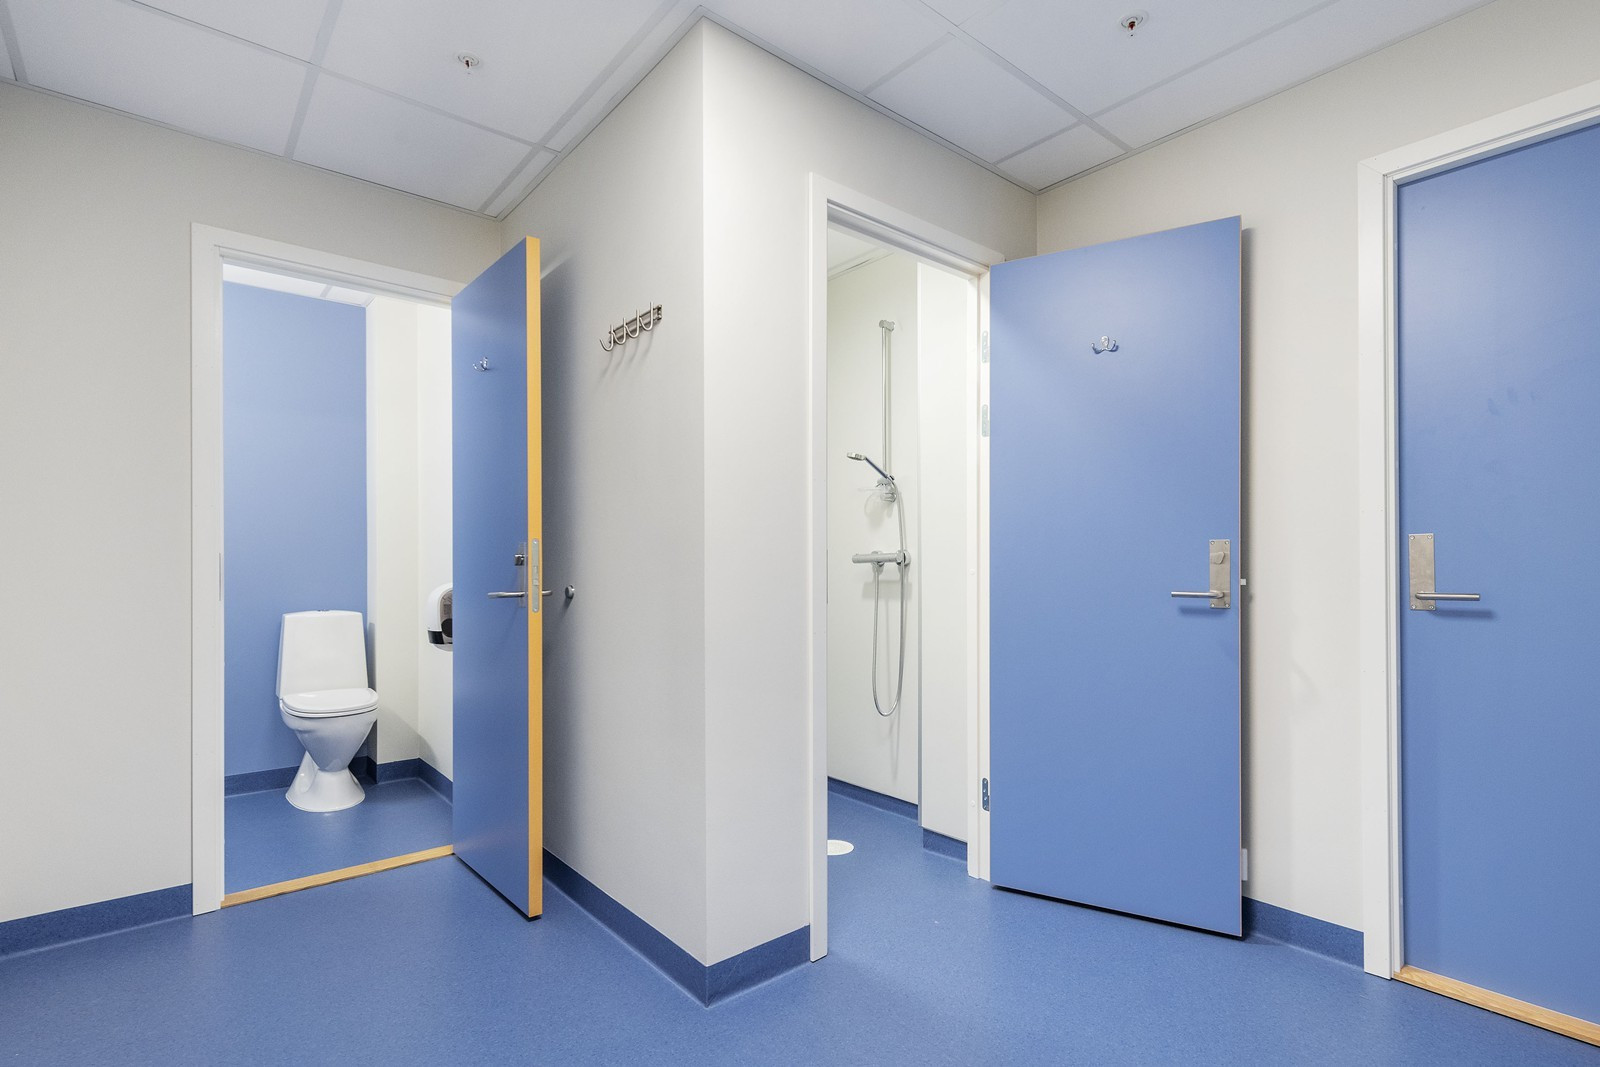 Garderobe med toaletter og dusj